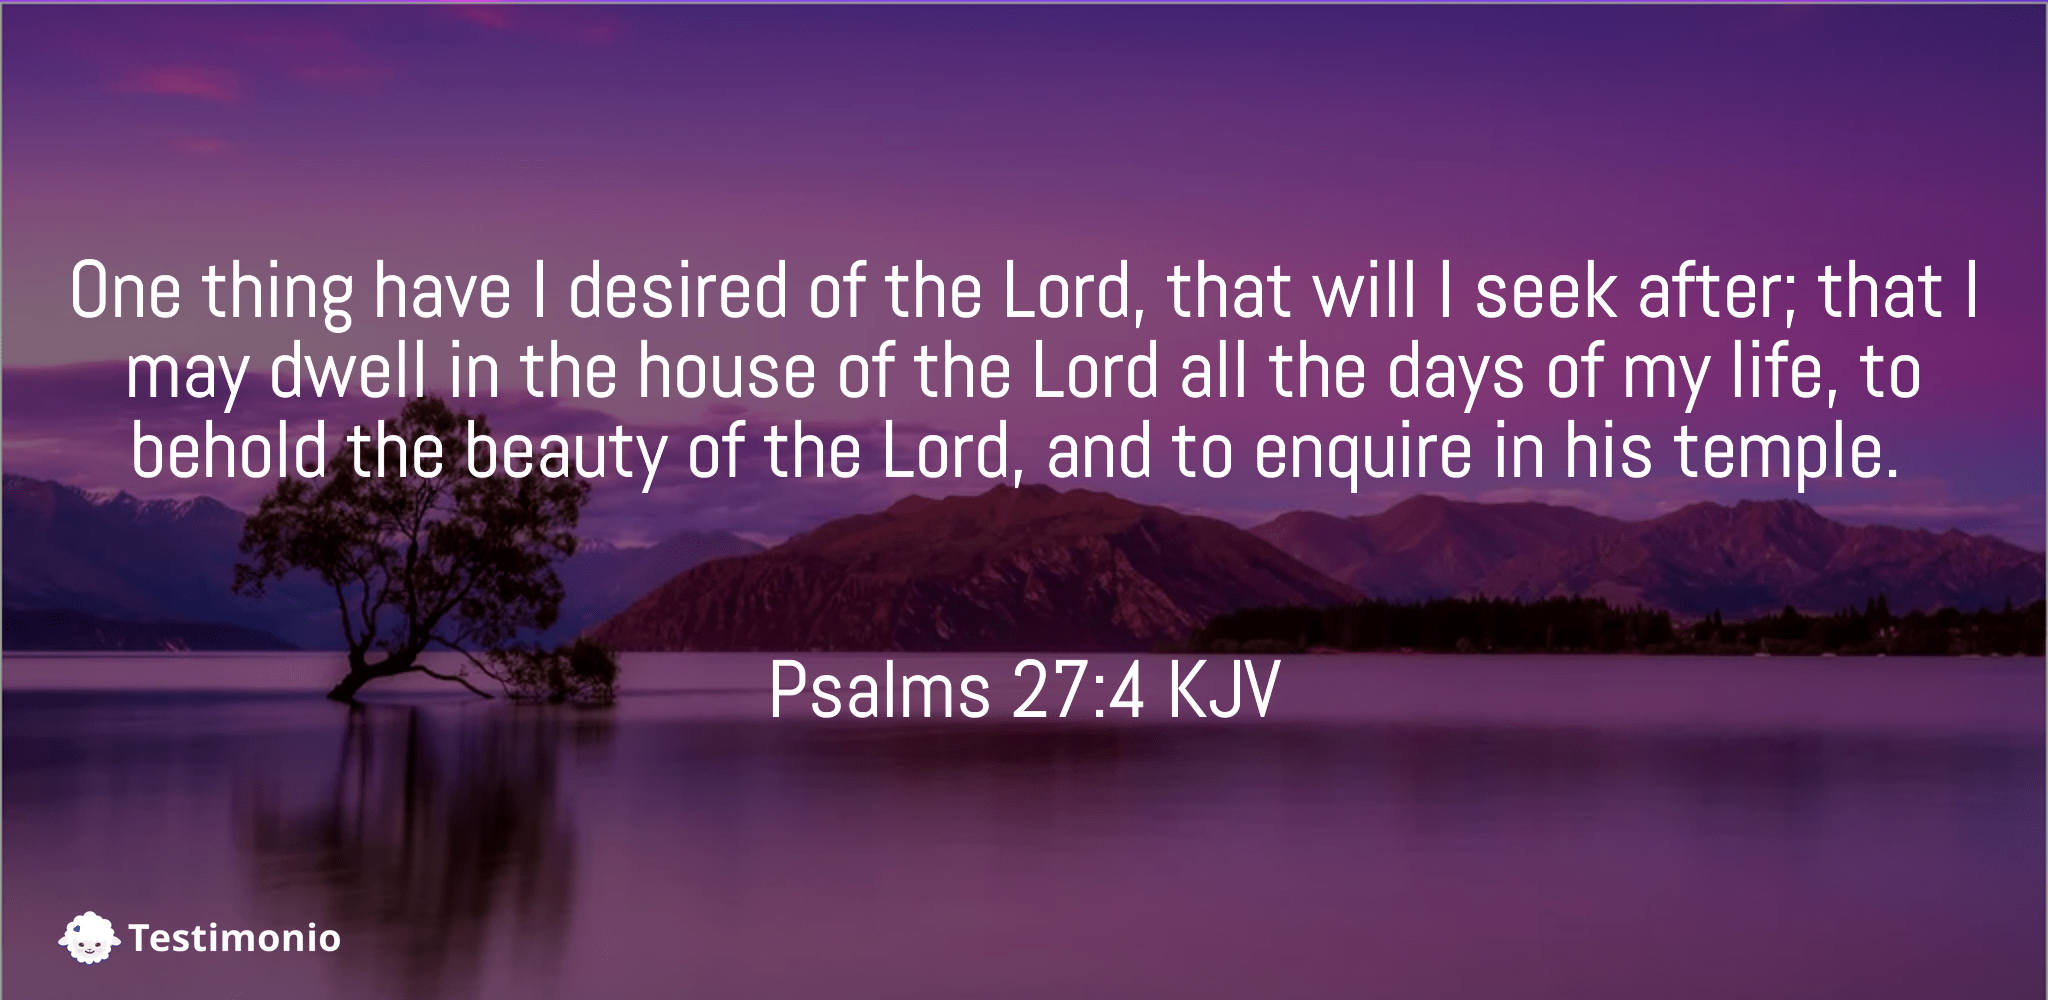 Psalms 27:4